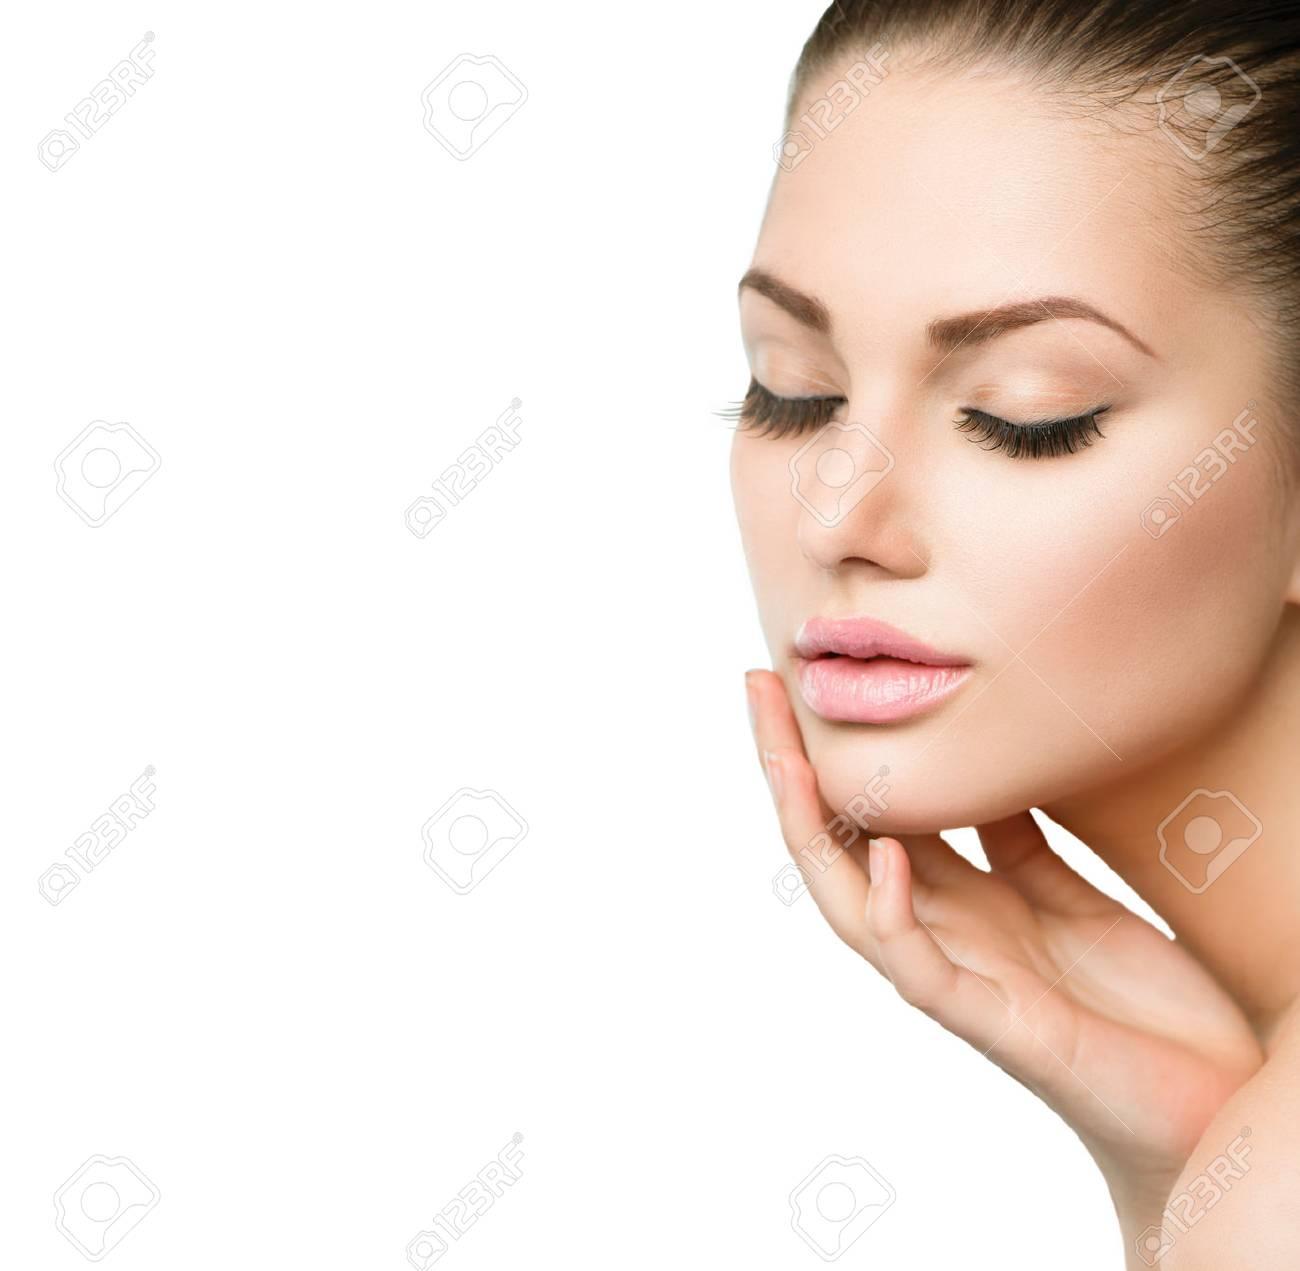 b6086335a4b7fa Banque d images - Beauté Spa Portrait de femme belle fille de toucher son  visage